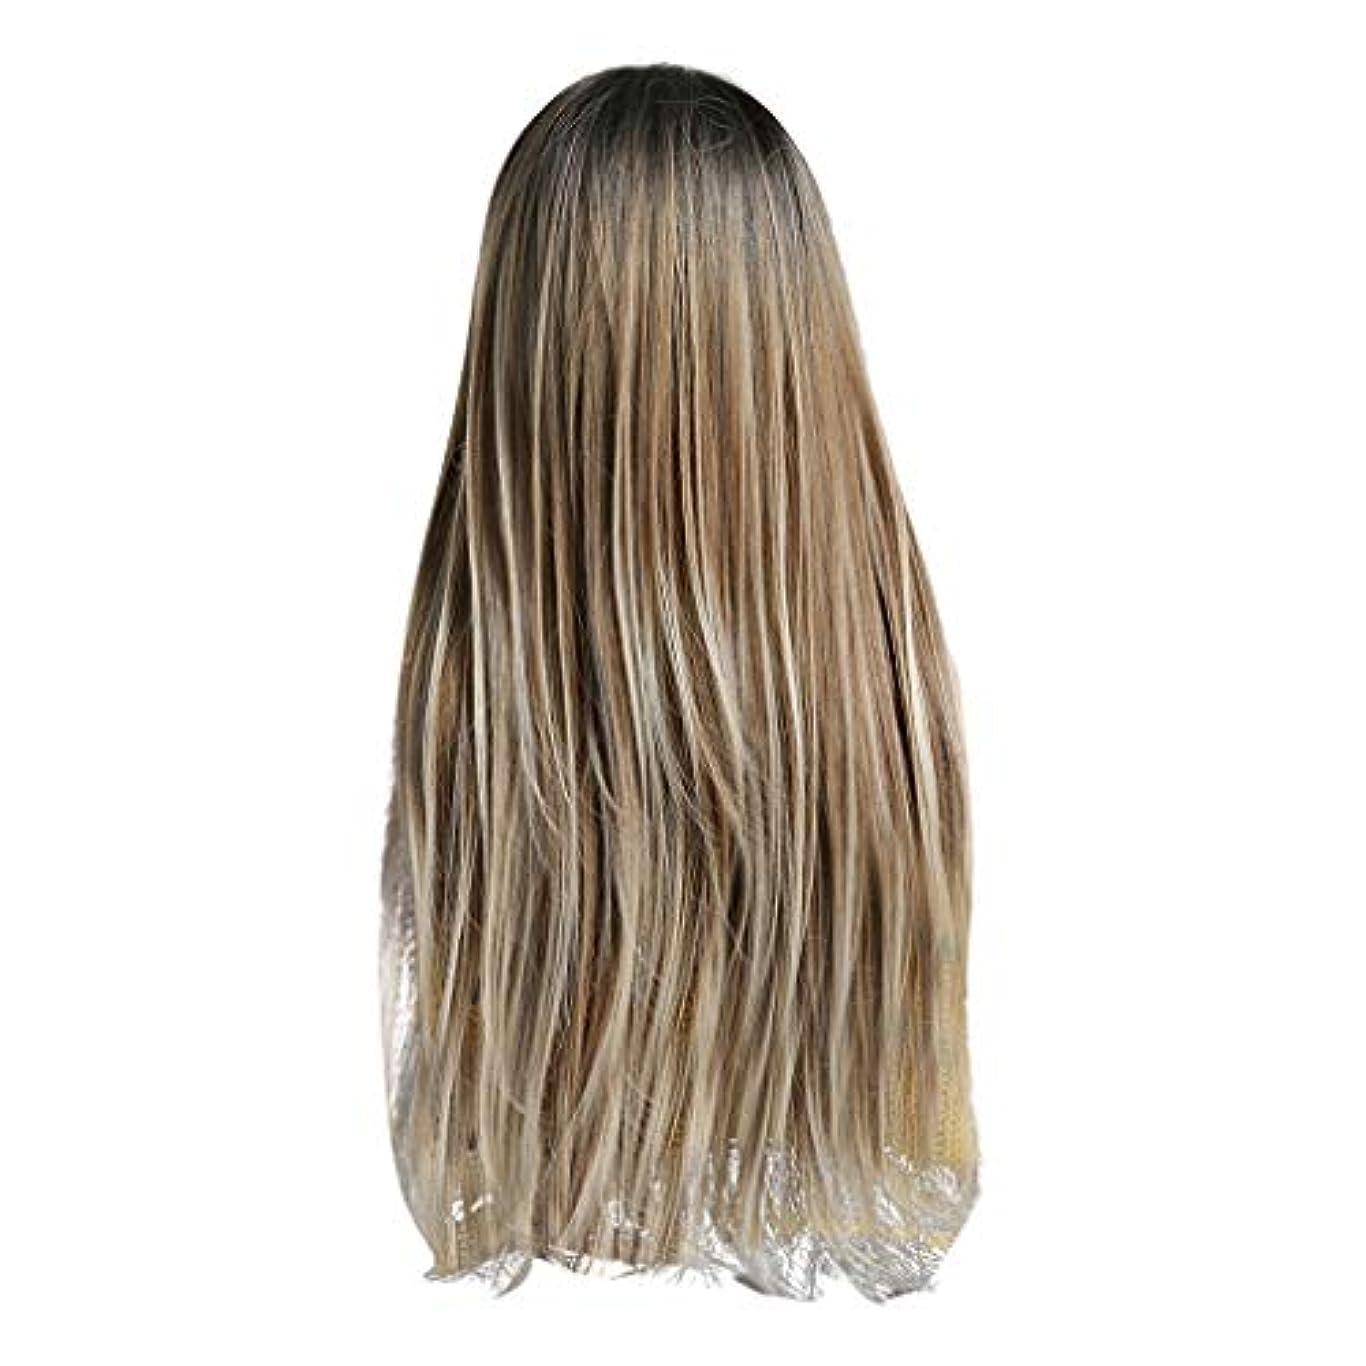 服を洗う表面的な工夫するLazayyii かつら女性自然な3色 グラデーション化学繊維毛髪 (A)